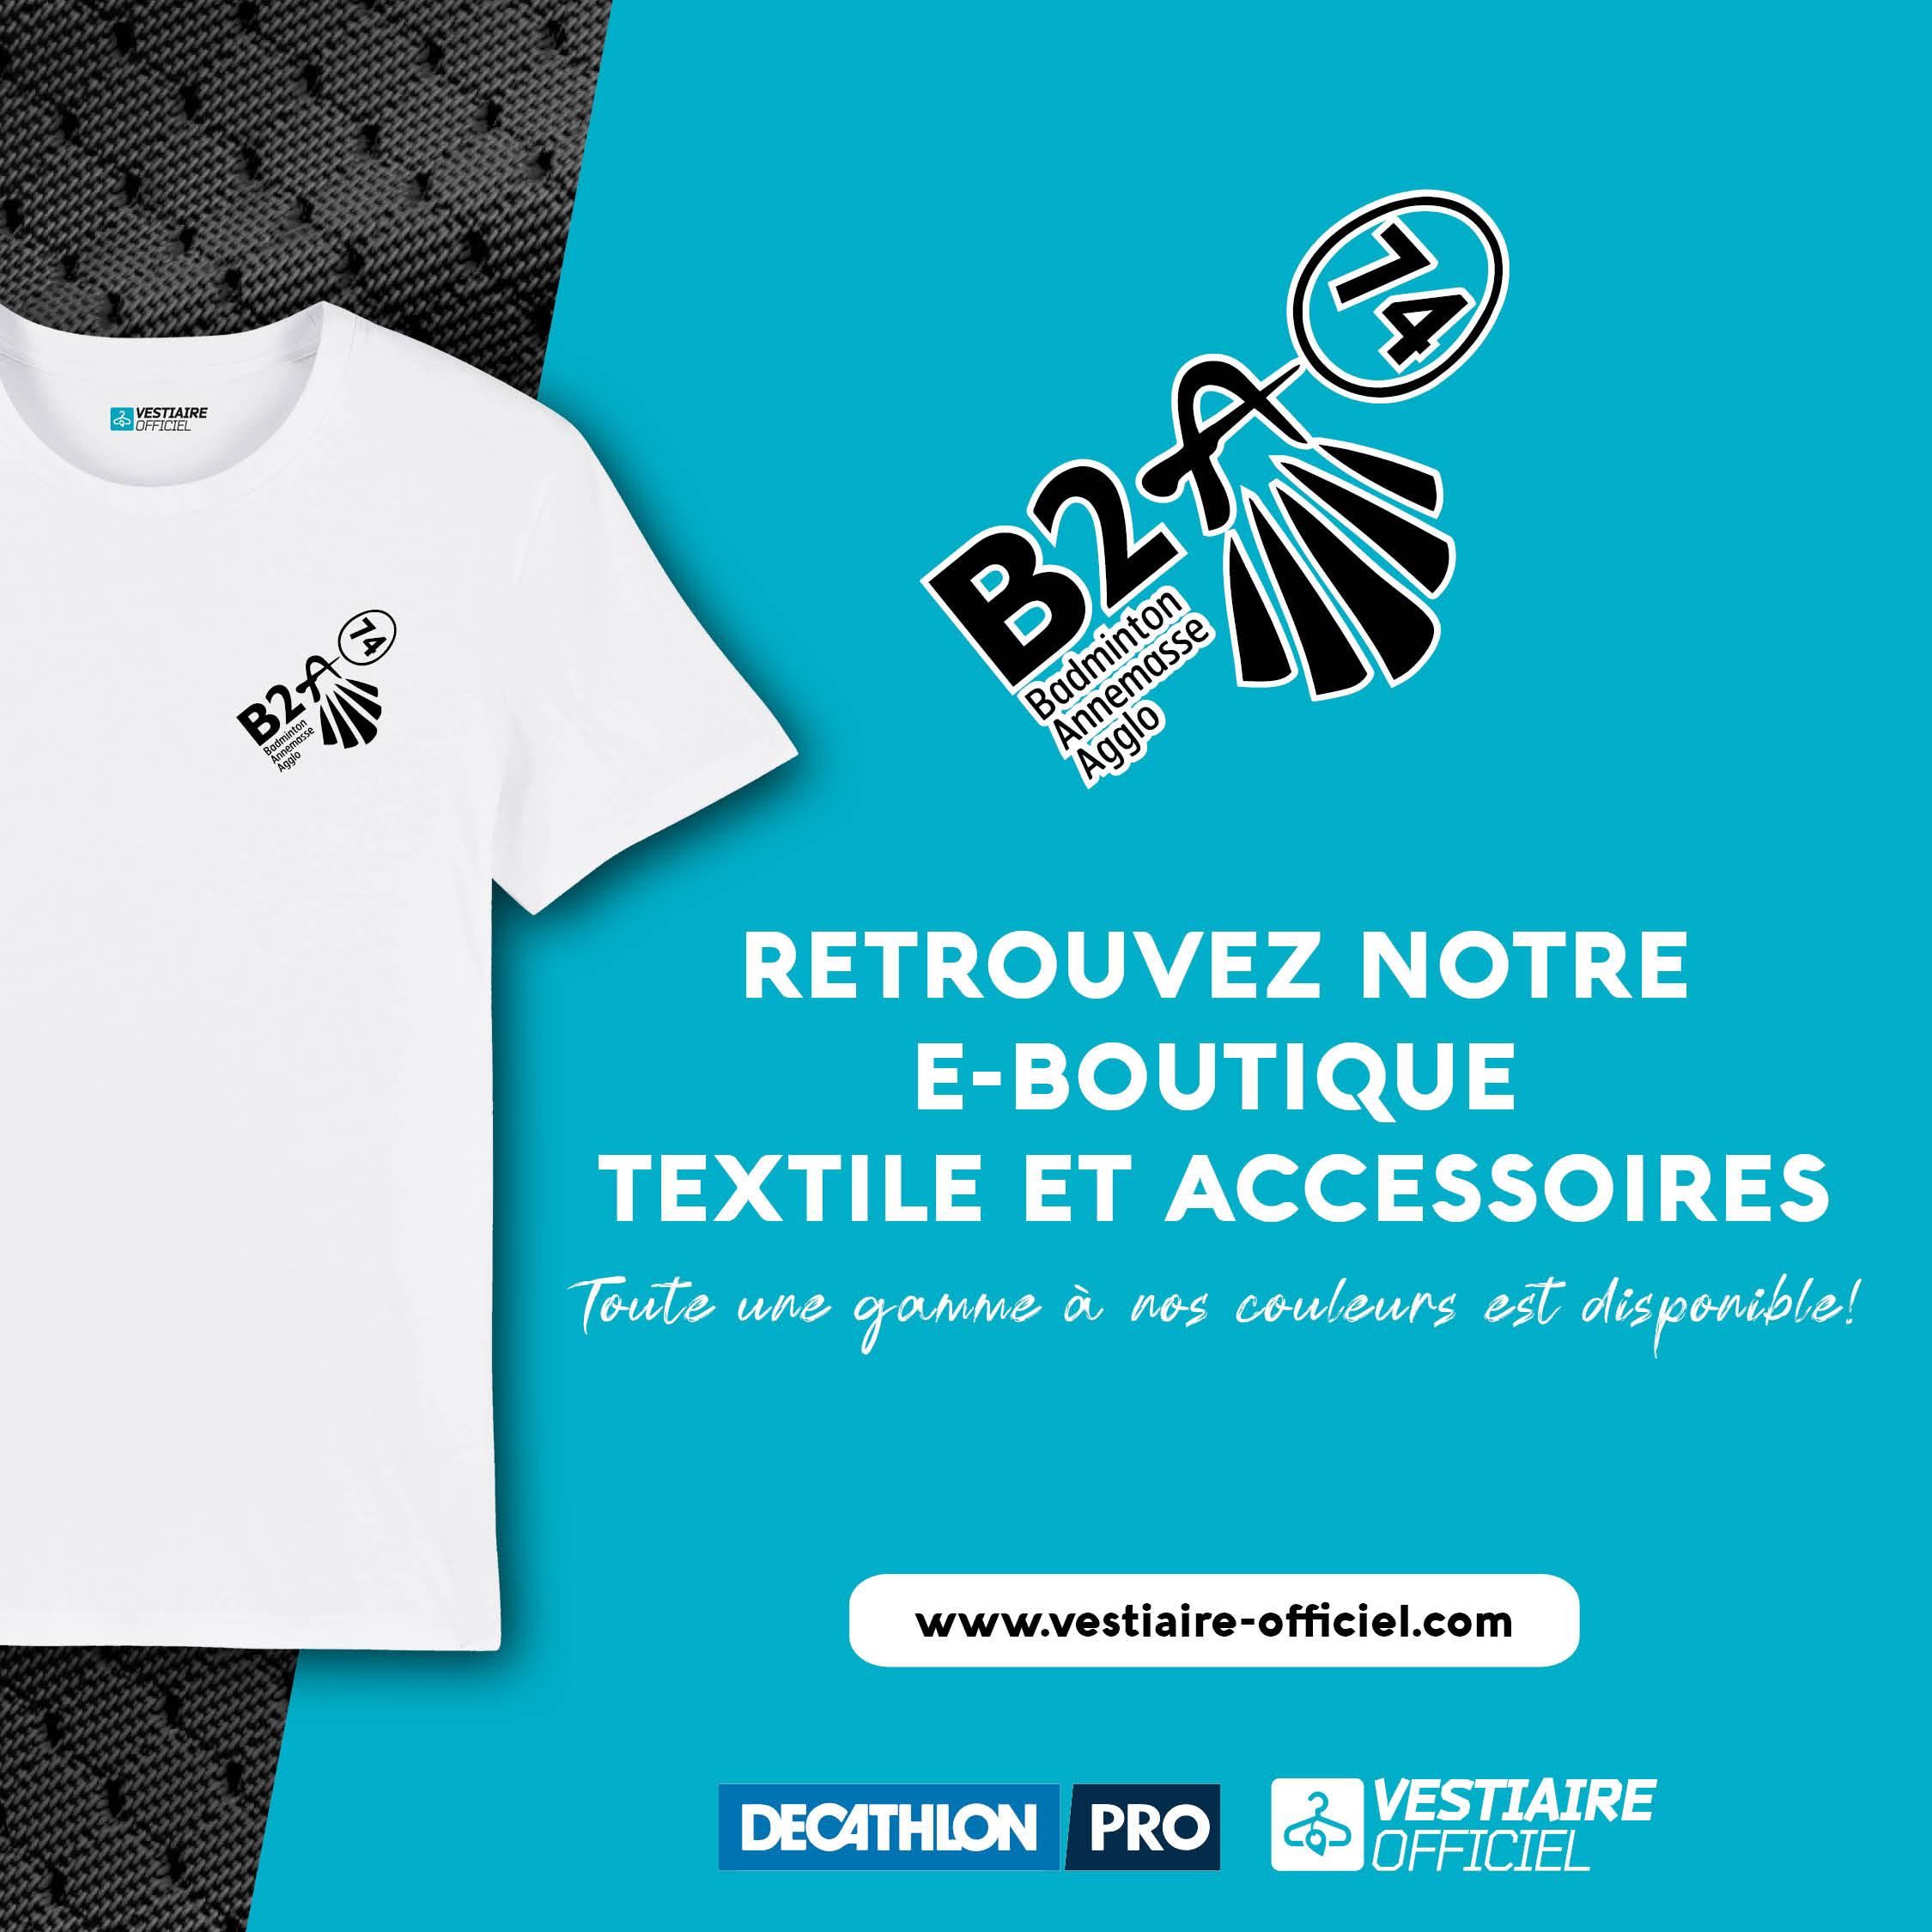 Boutique B2A74